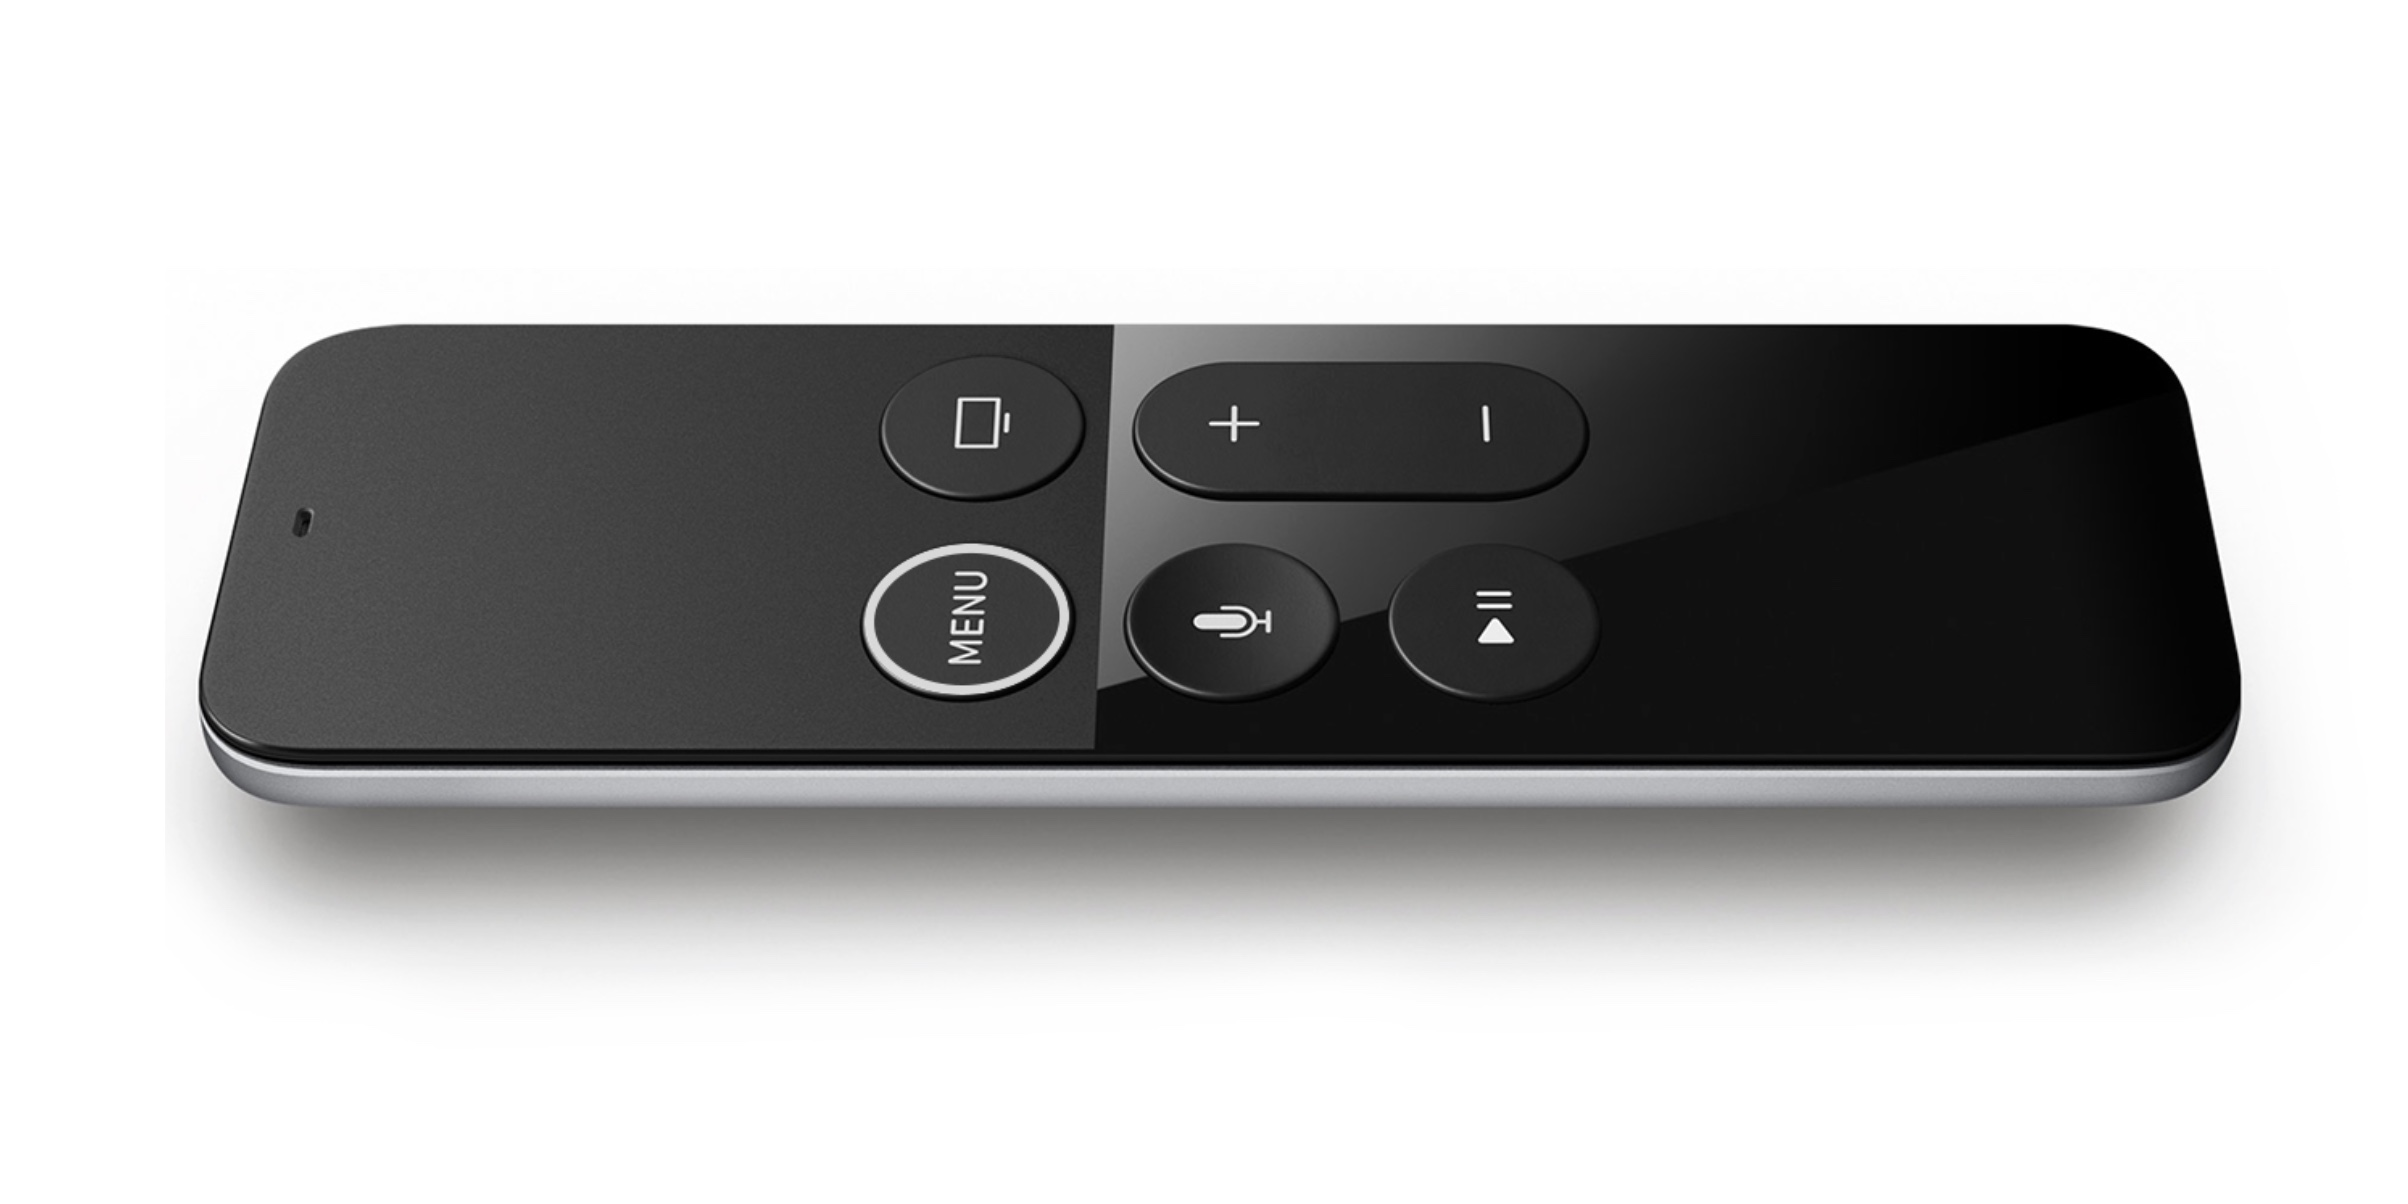 Apple đang phát triển Remote mới cho Apple TV thế hệ tiếp theo